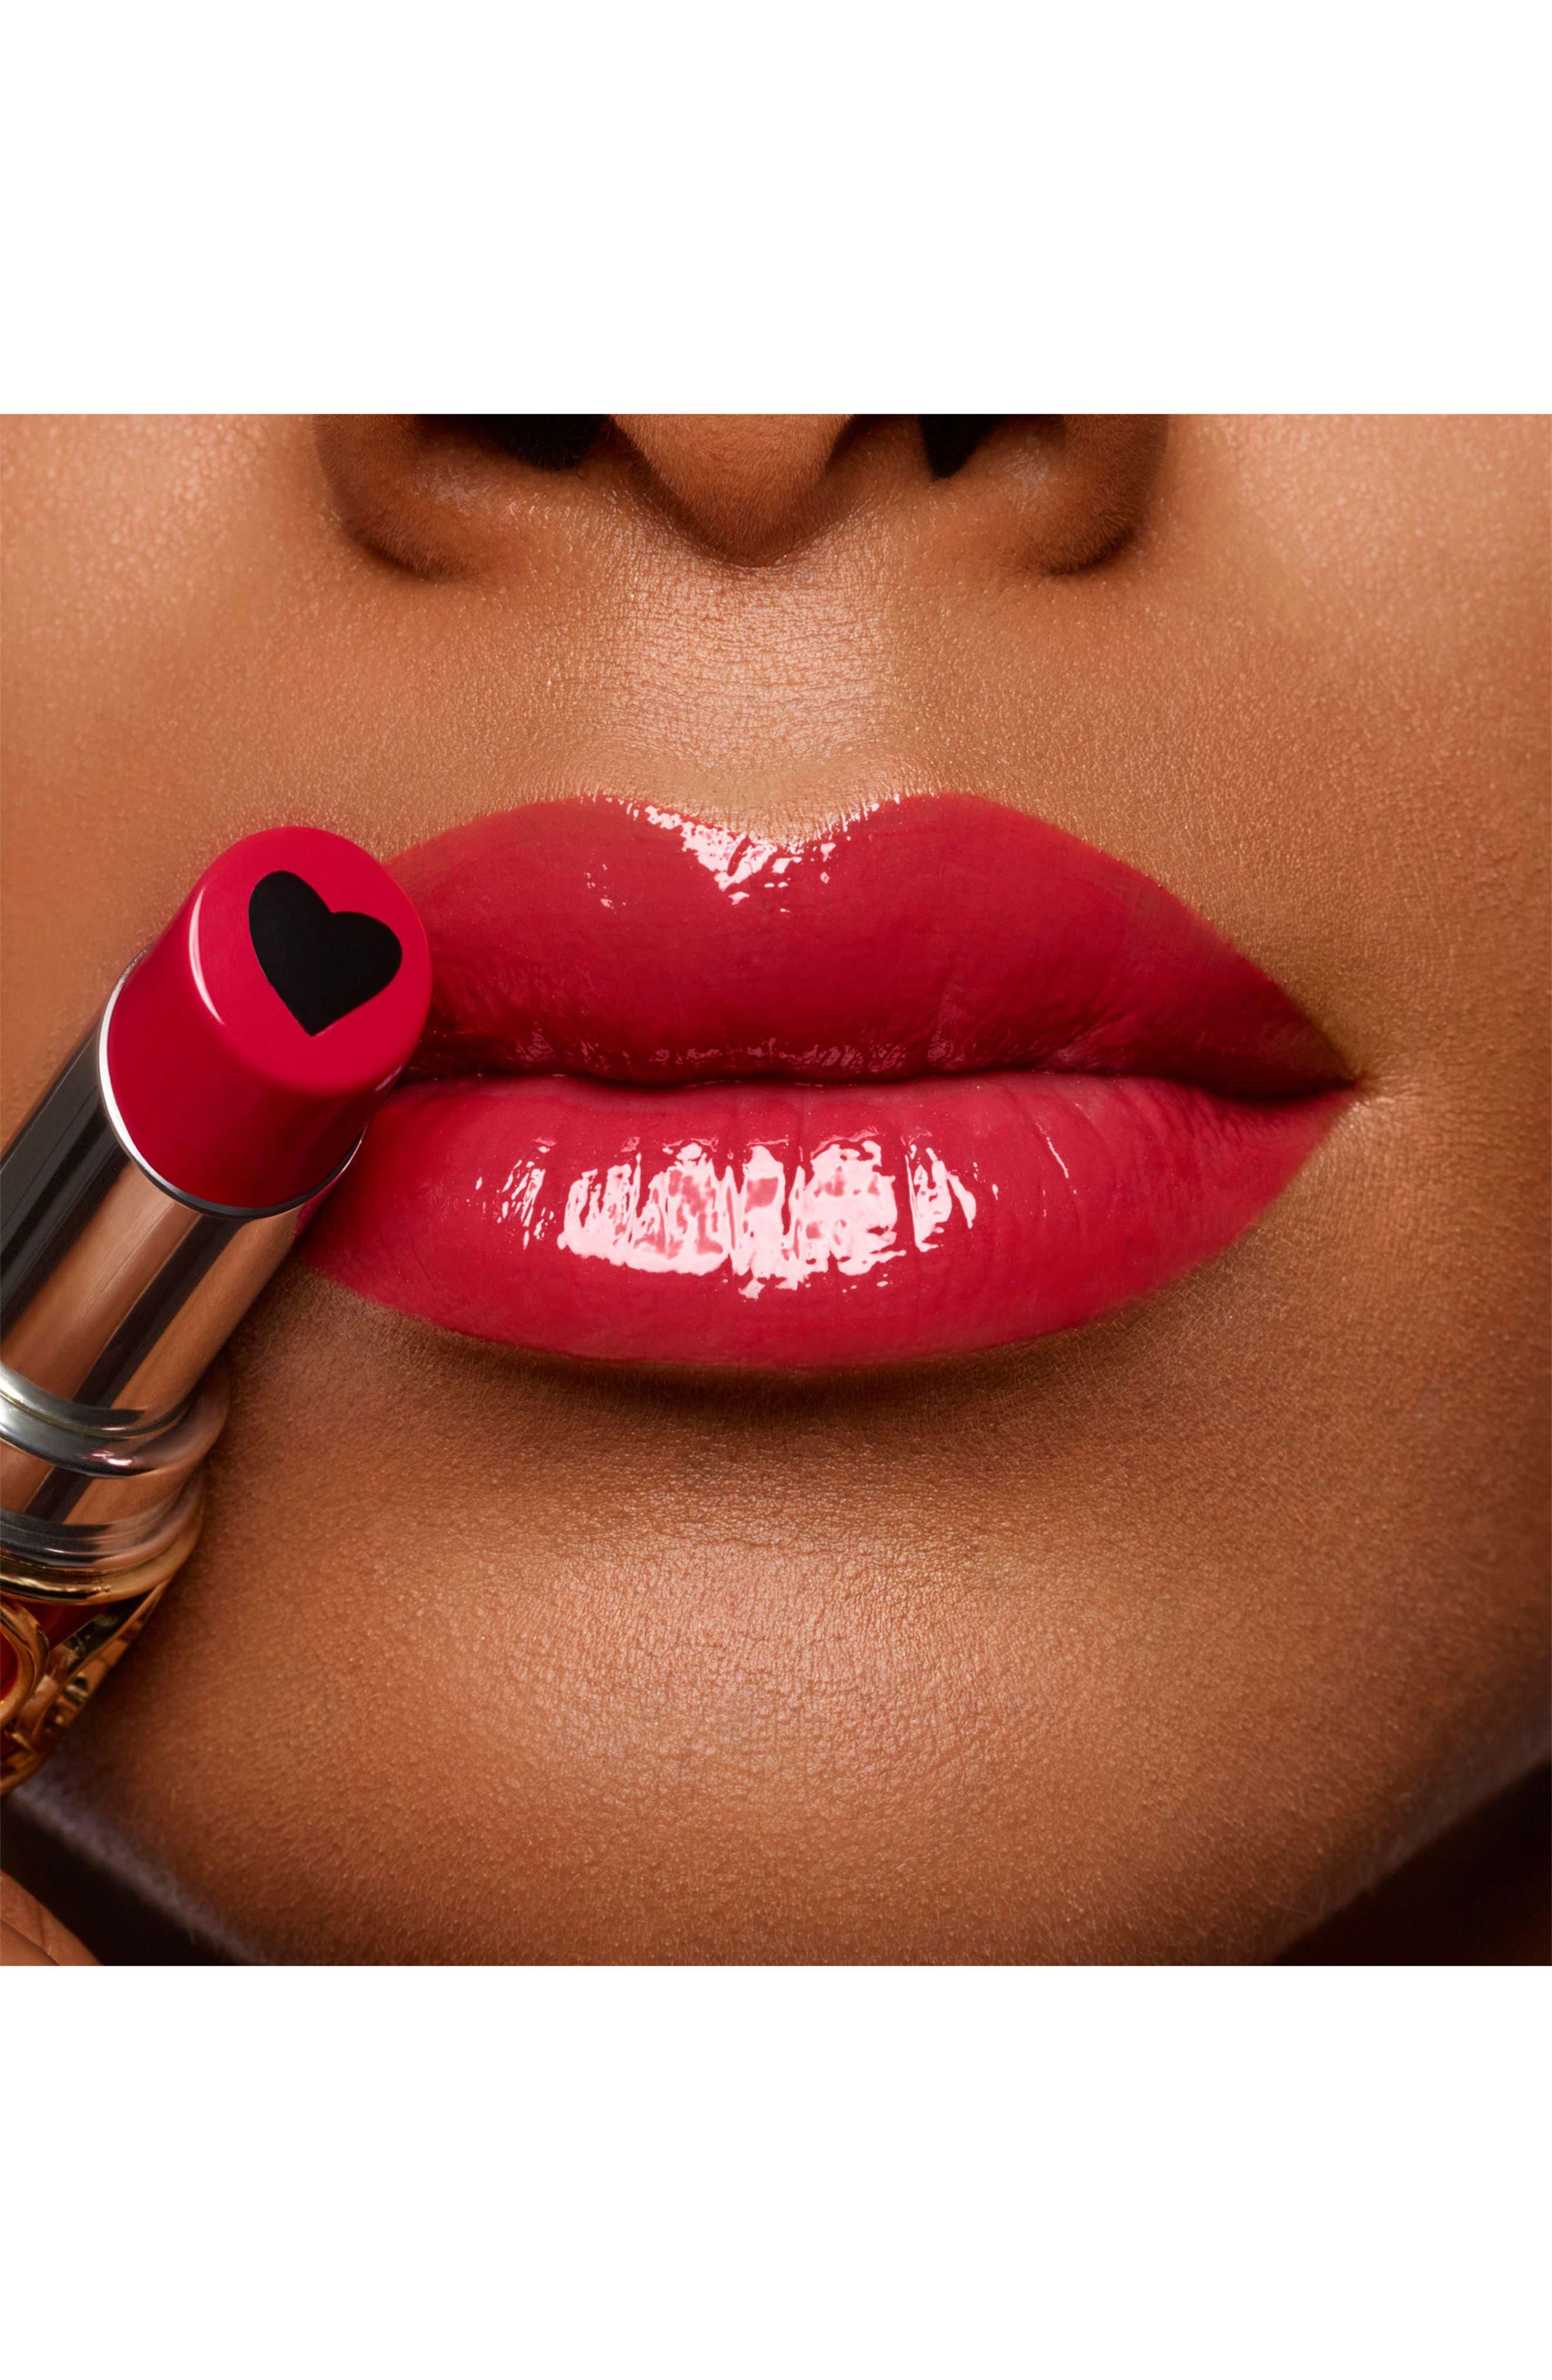 YVES SAINT LAURENT, Volupté Plump-in-Color Plumping Lip Balm, Alternate thumbnail 4, color, 06 LUNATIC RED